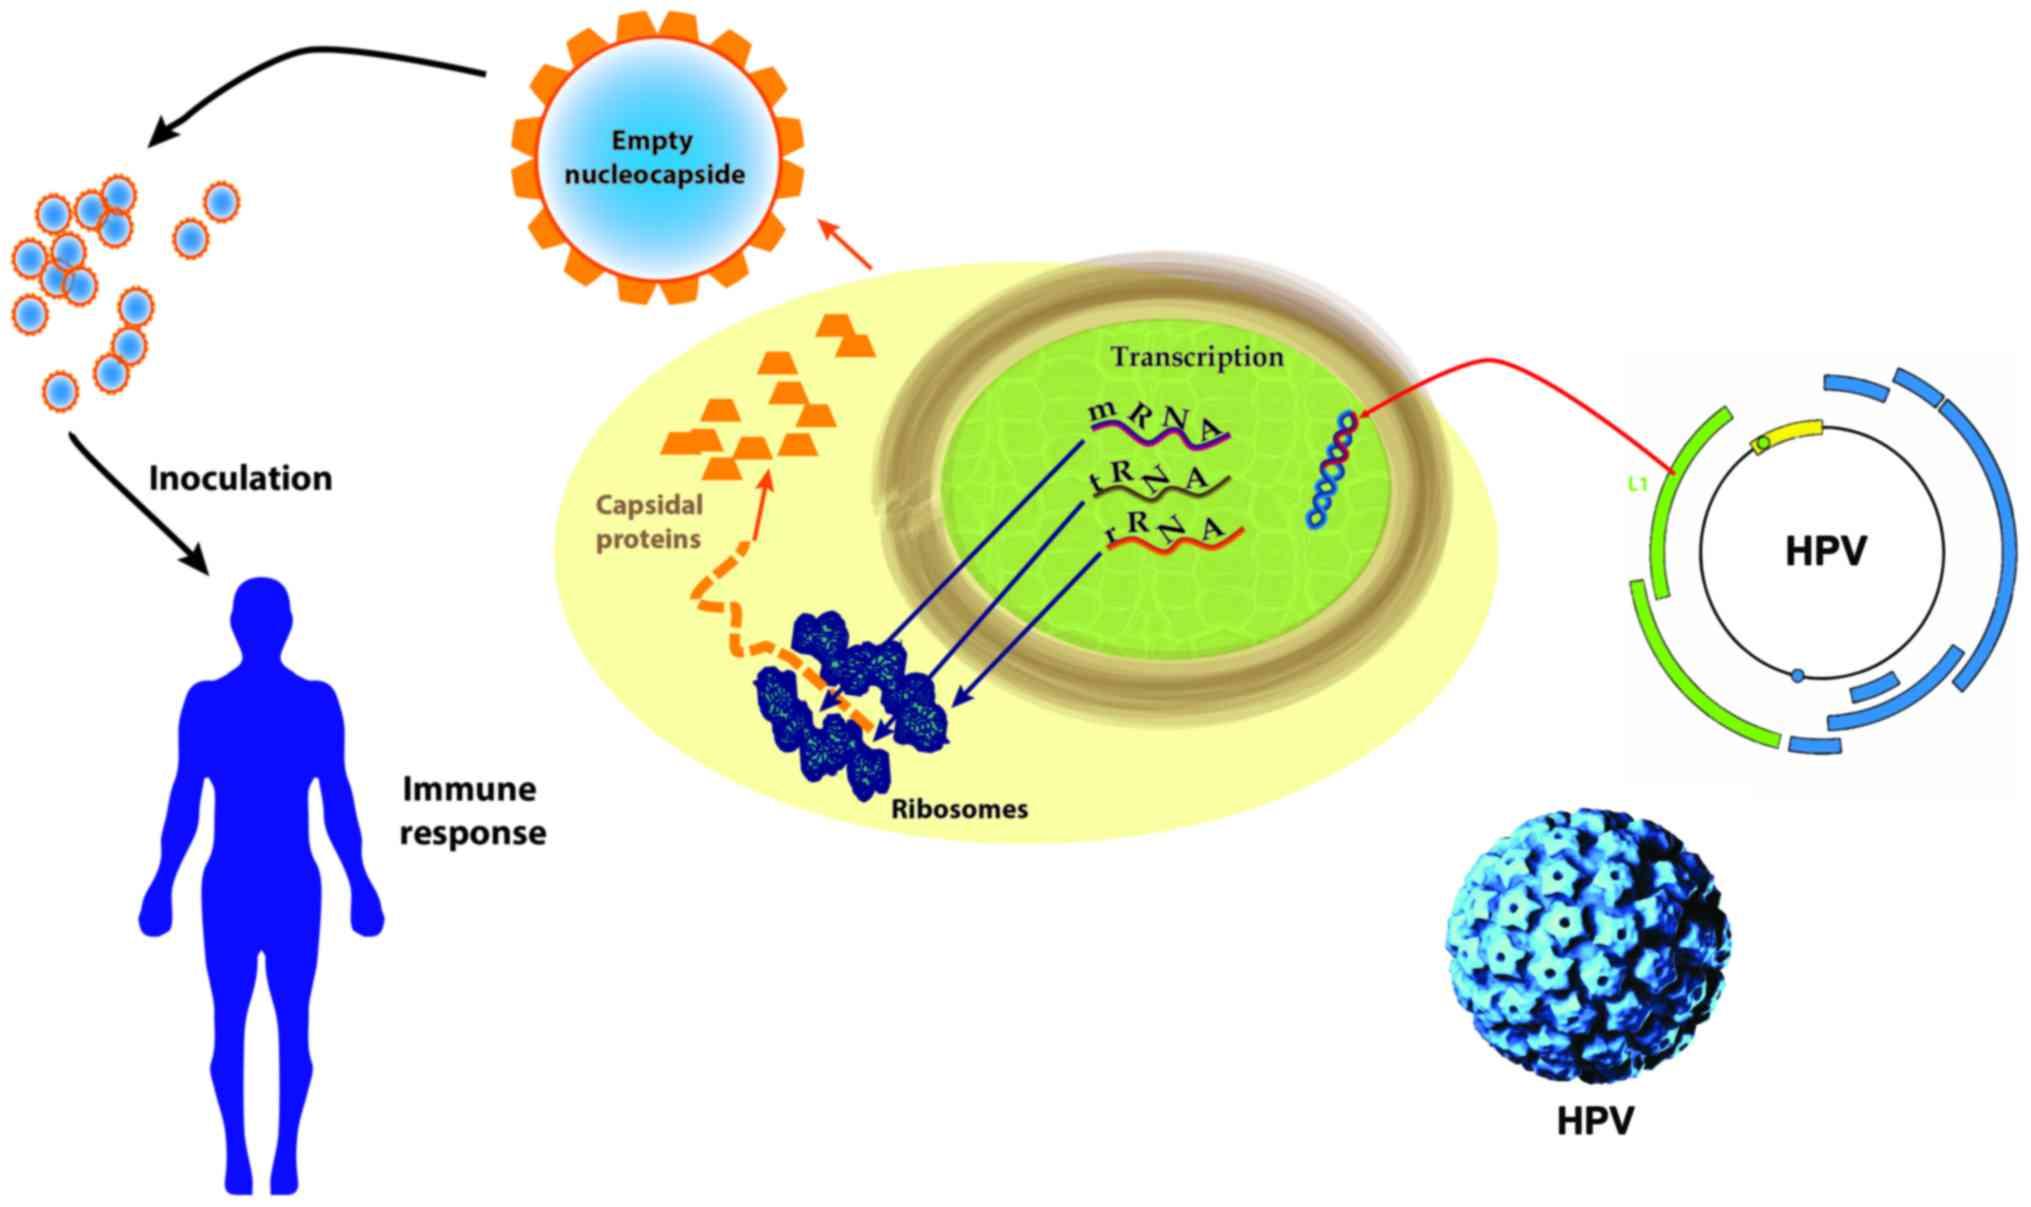 hpv virus cancer strains